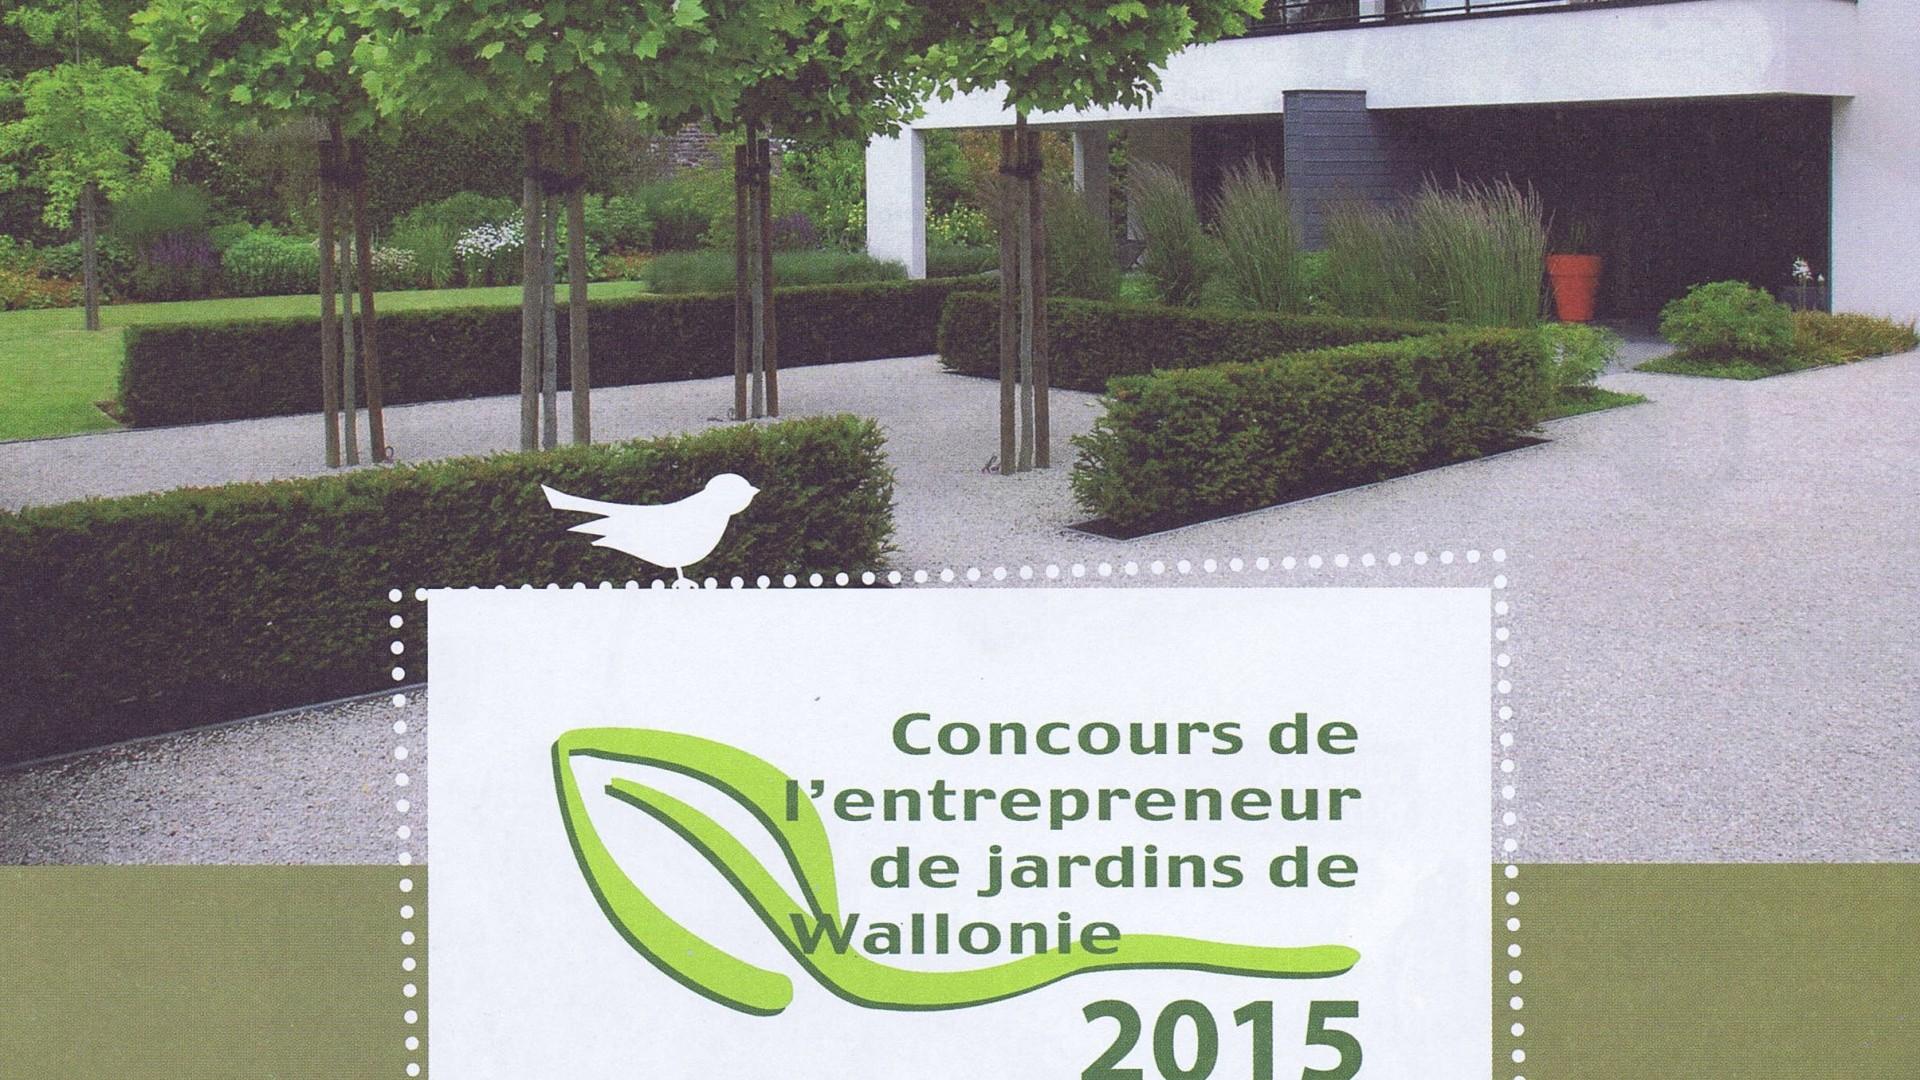 Concours de l'entrepreneur de jardin 2015